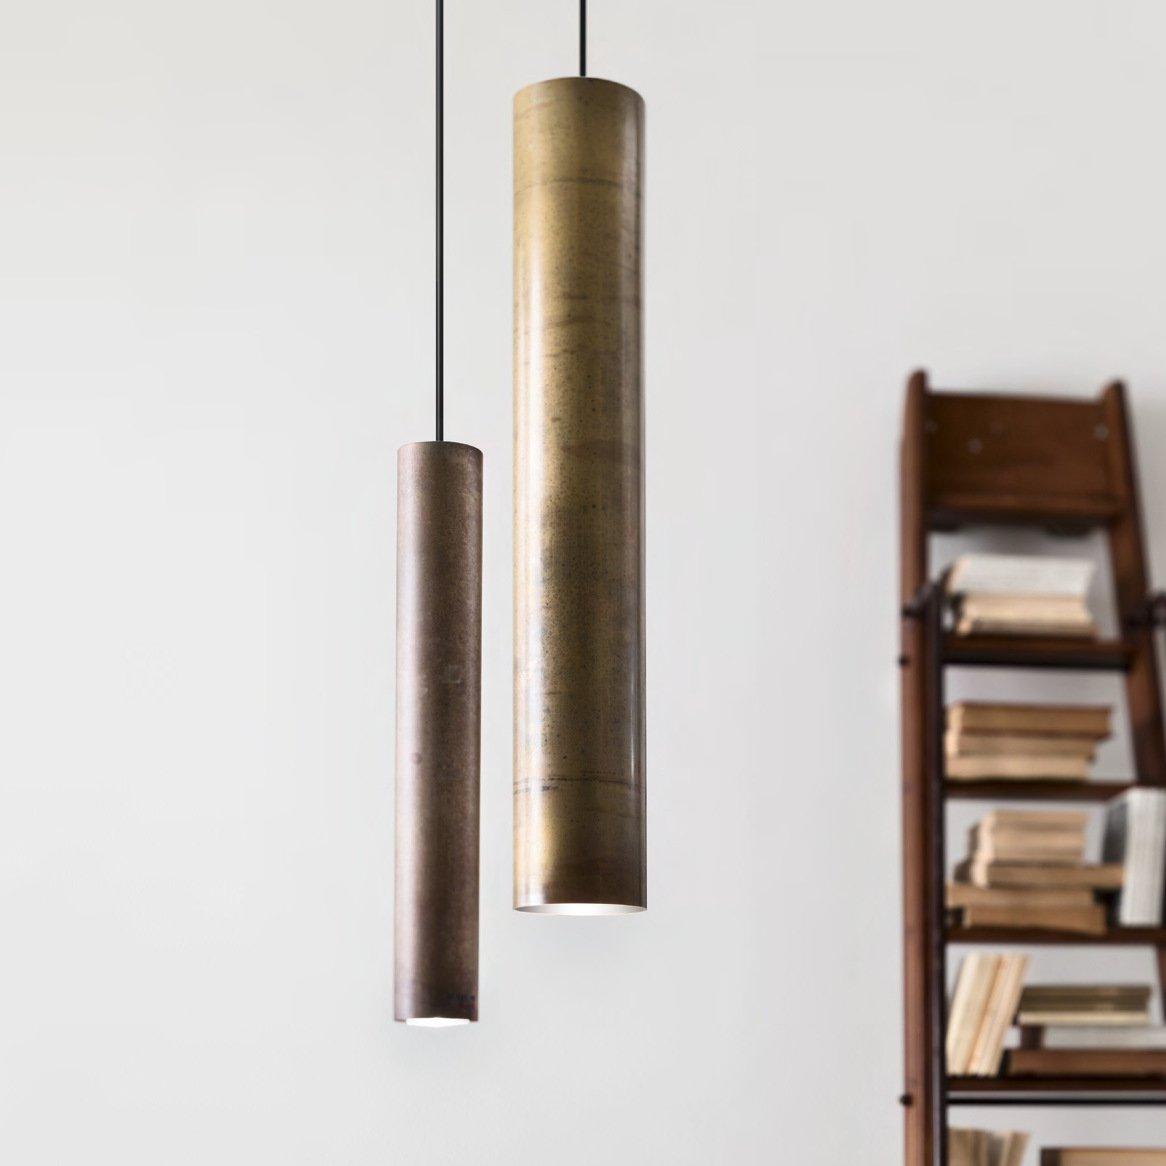 pendelleuchte mit zylindrischem metallschirm in messing. Black Bedroom Furniture Sets. Home Design Ideas